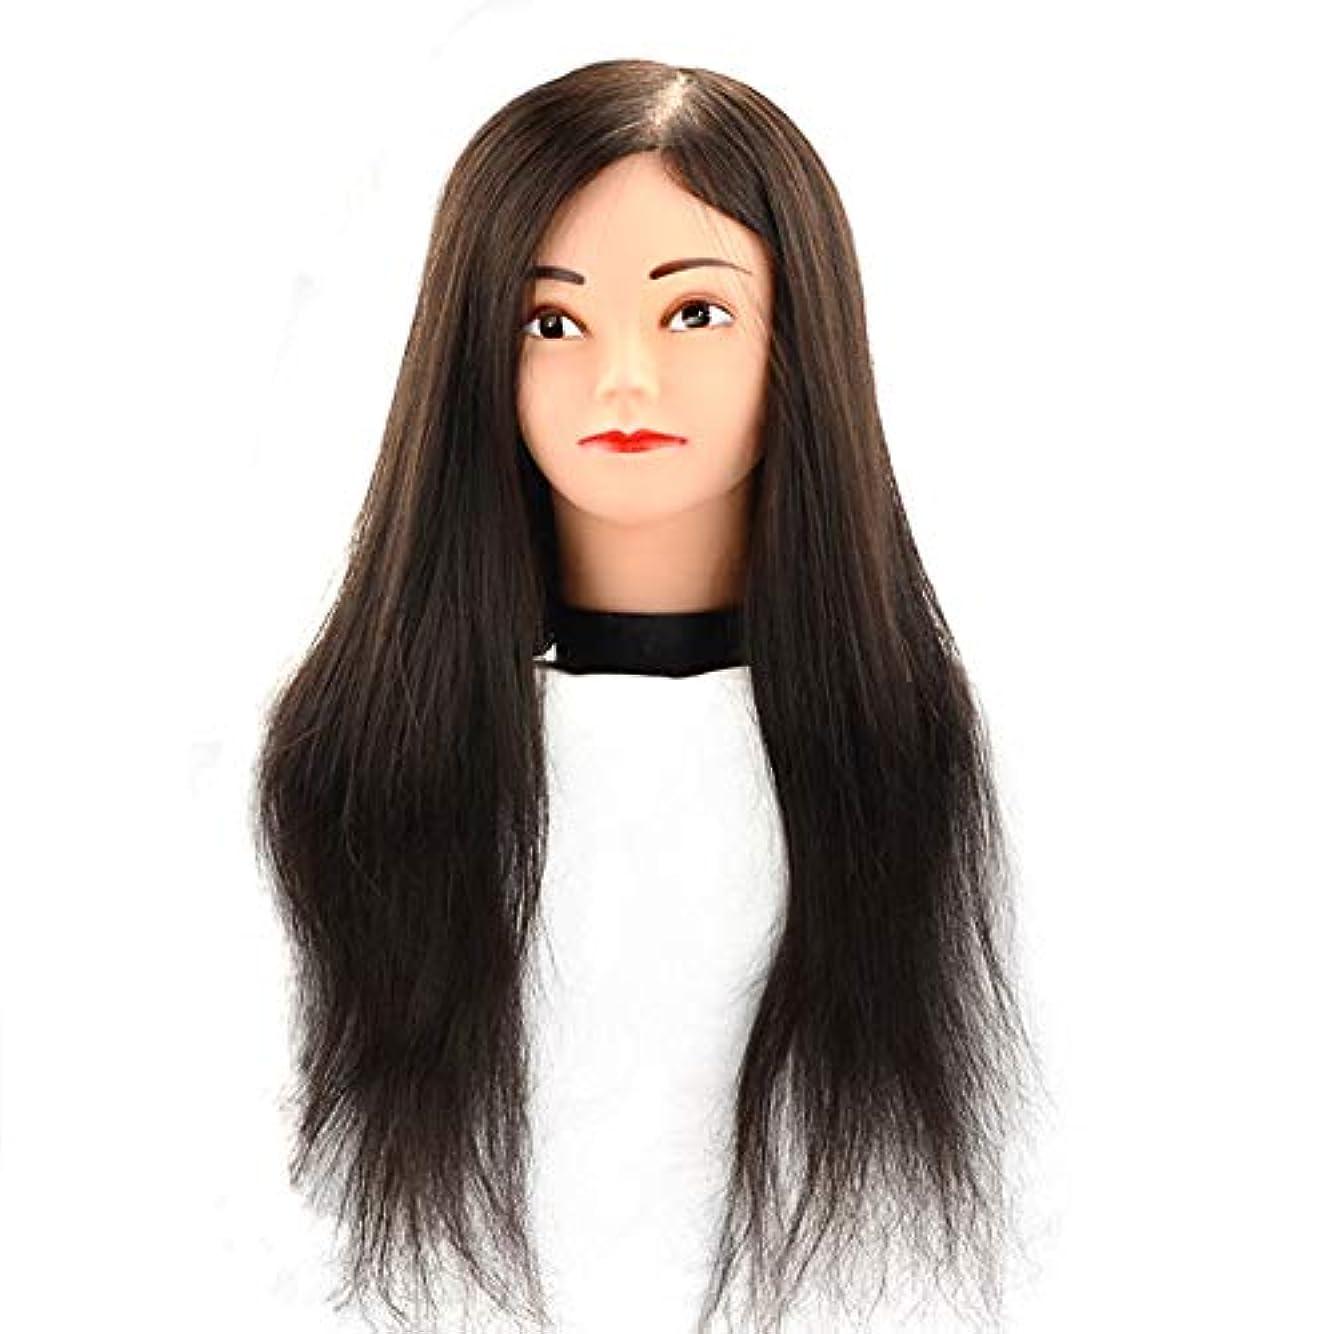 盟主甘美な欺理髪店パーマ染め髪ダミー練習ヘッド花嫁ディスク髪編組学習ヘッドモデルヘアマネキンヘッド